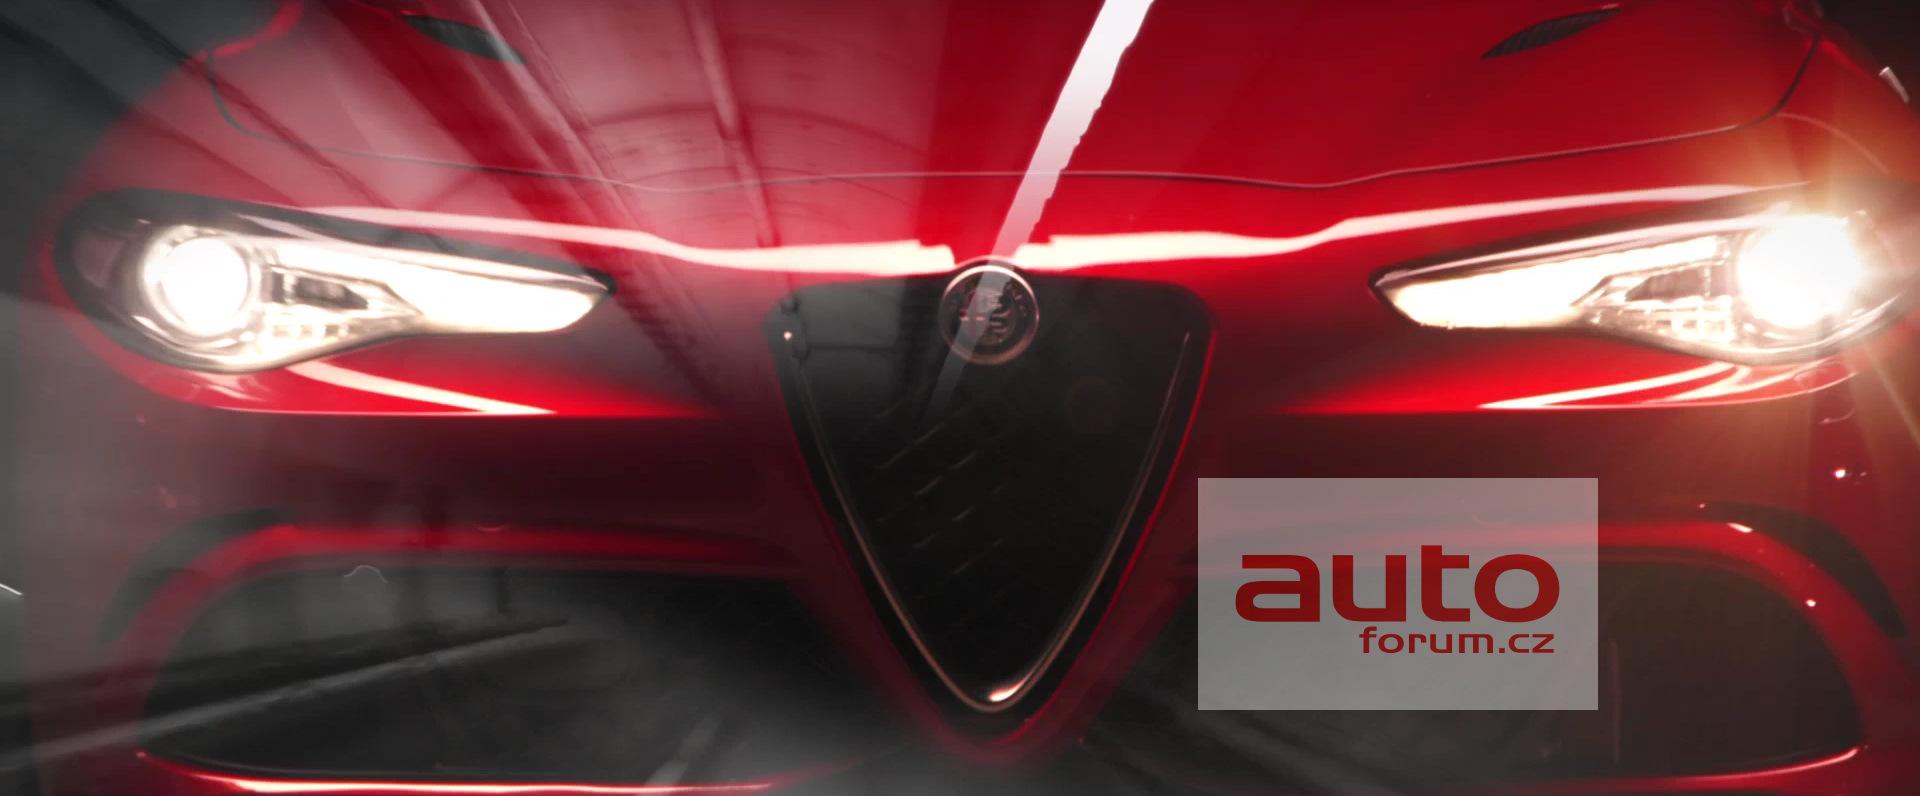 Alfa_Romeo_Giulia_2016_unik_vse_13.jpg